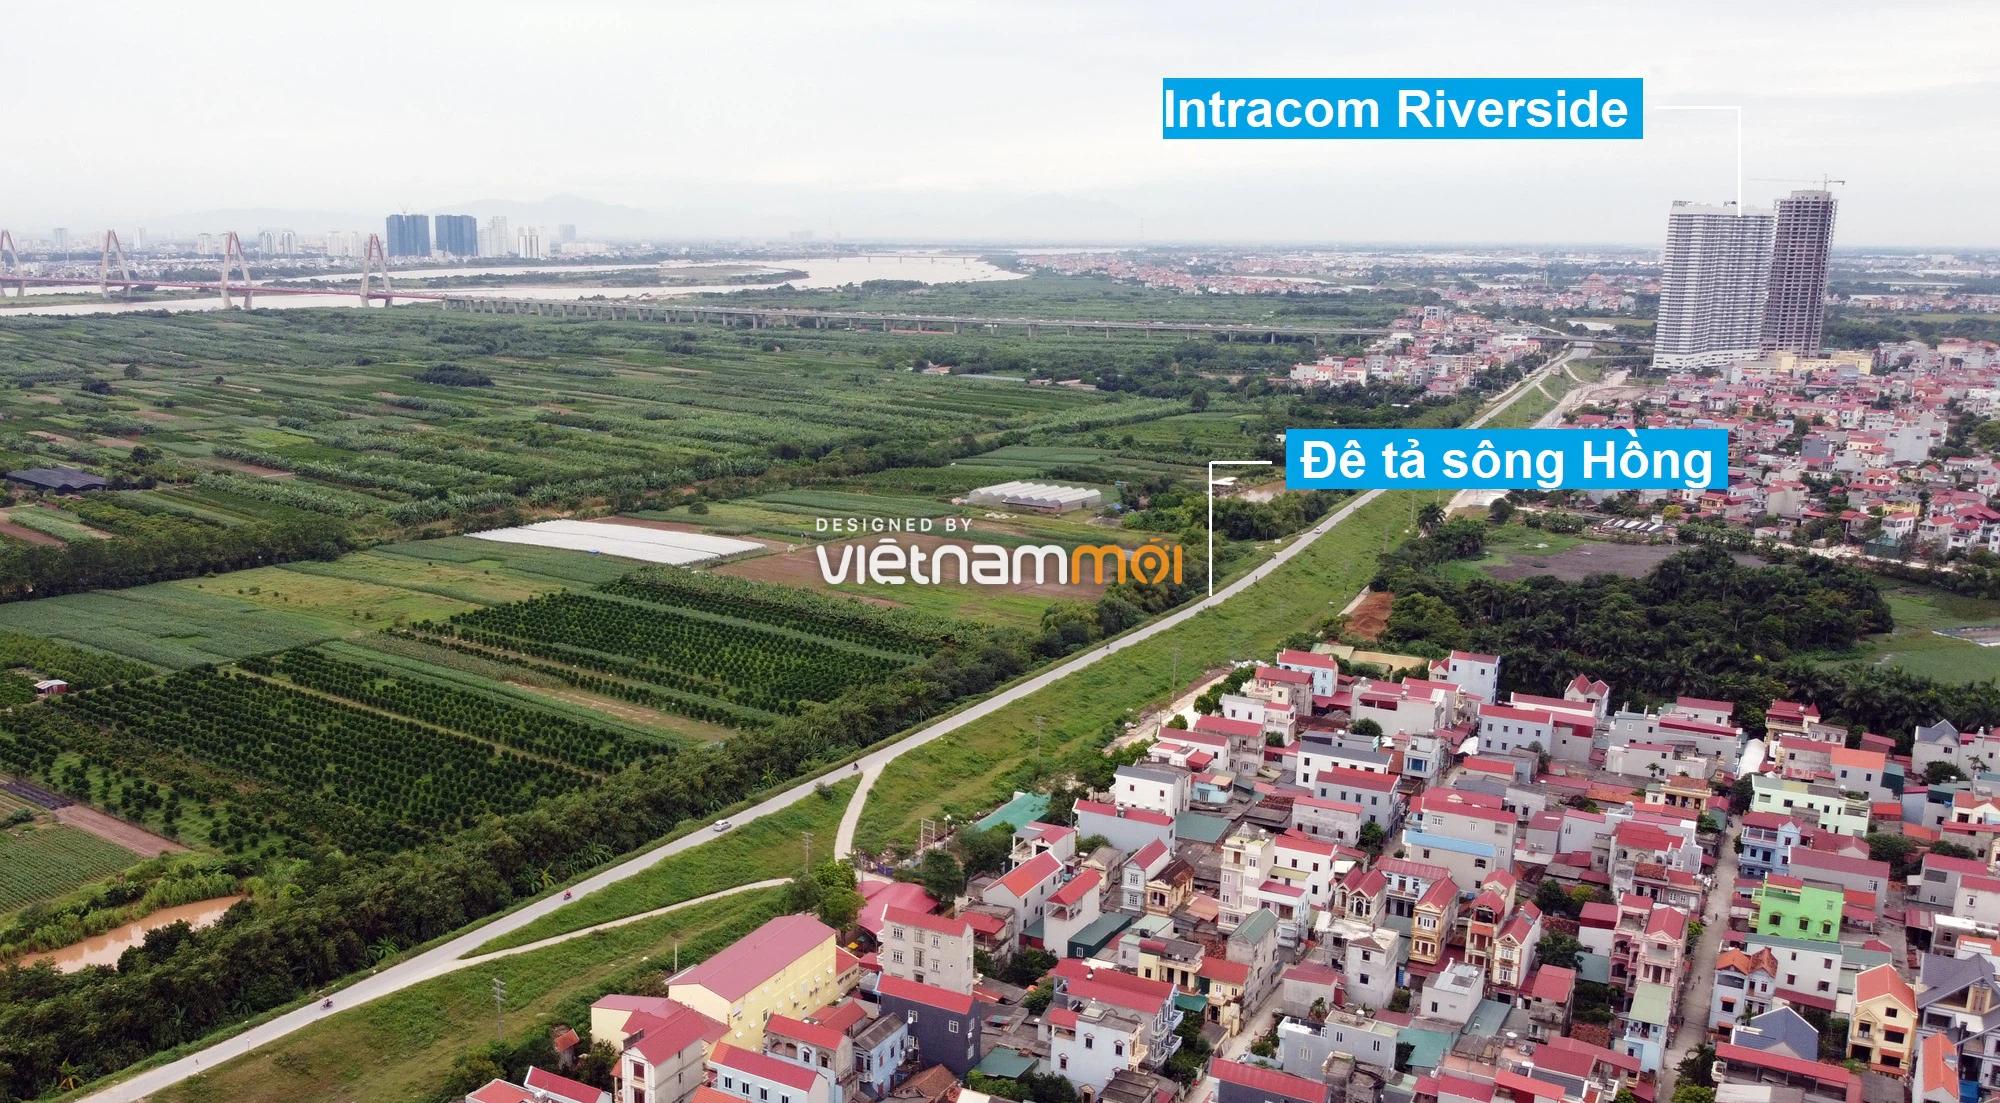 Hà Nội: Toàn cảnh hai bãi sông Hồng được phép xây dựng - Ảnh 2.